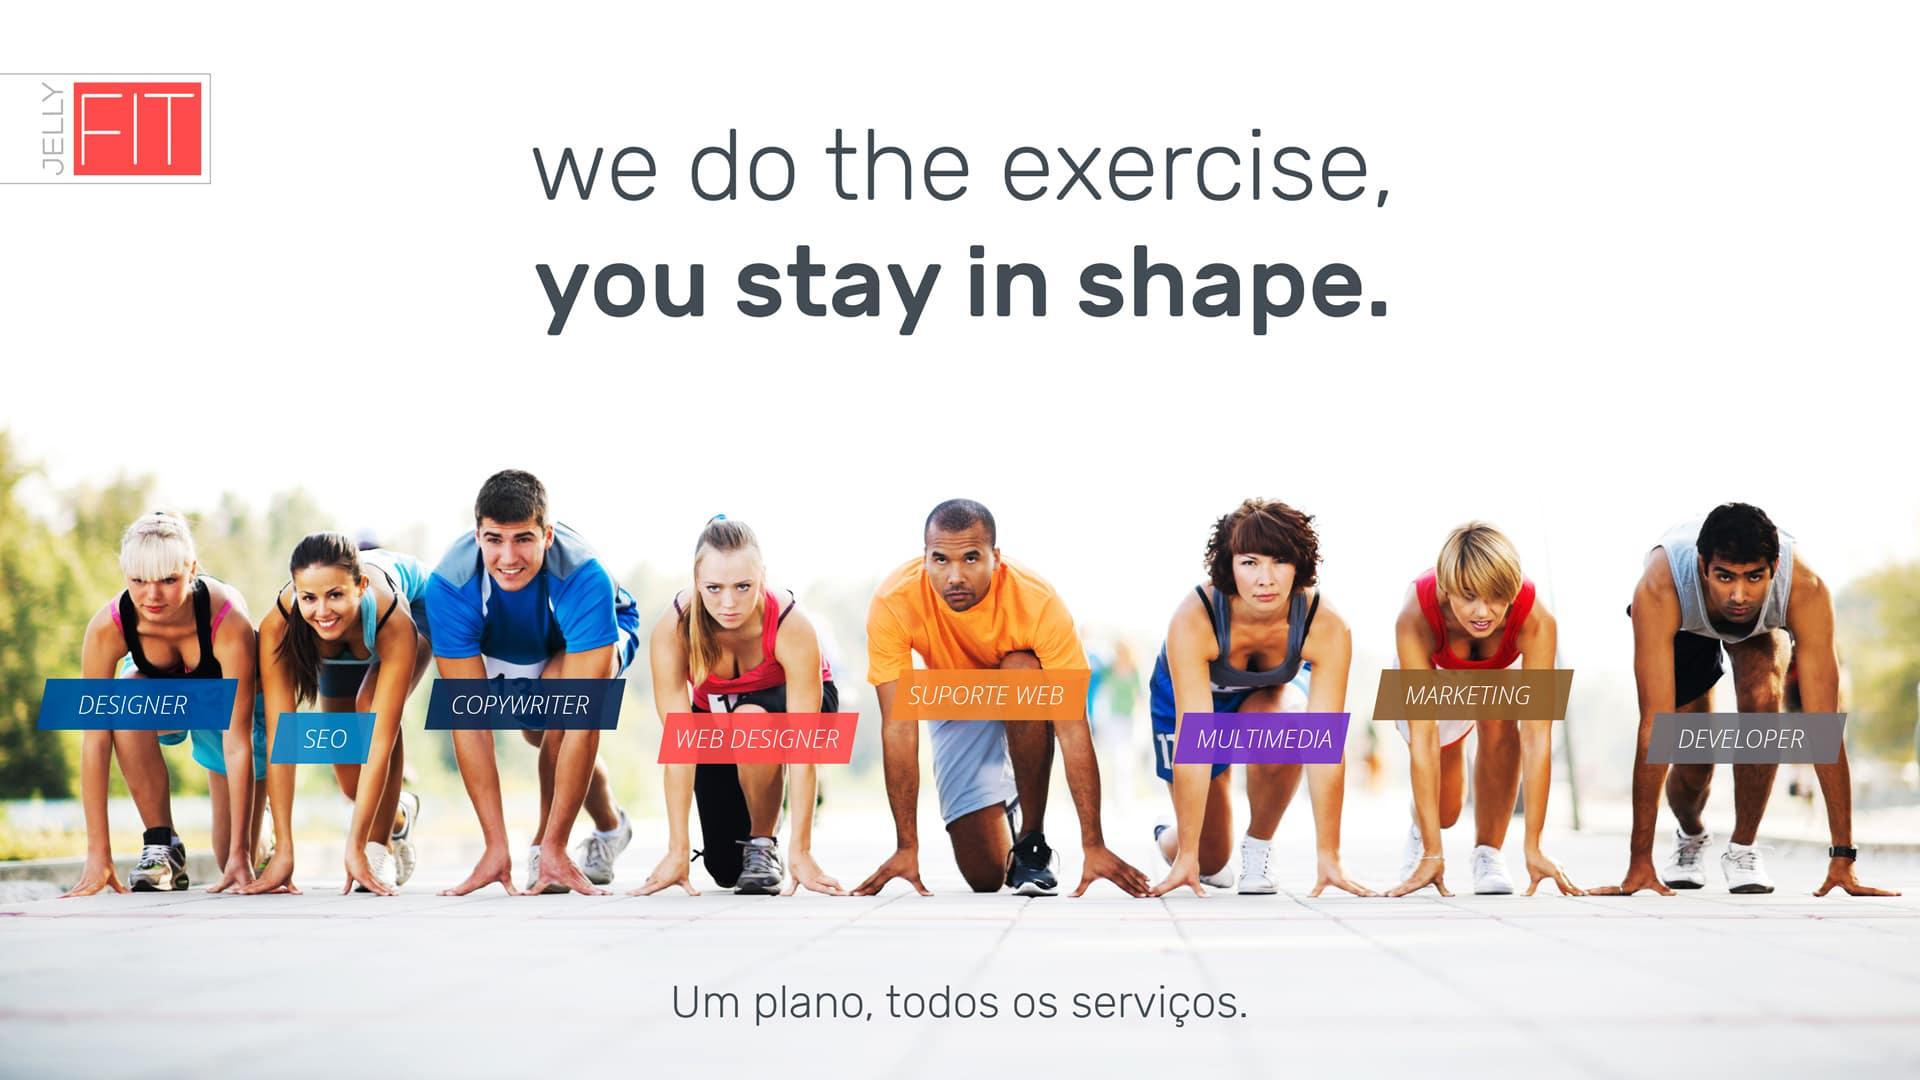 Plano multi serviços